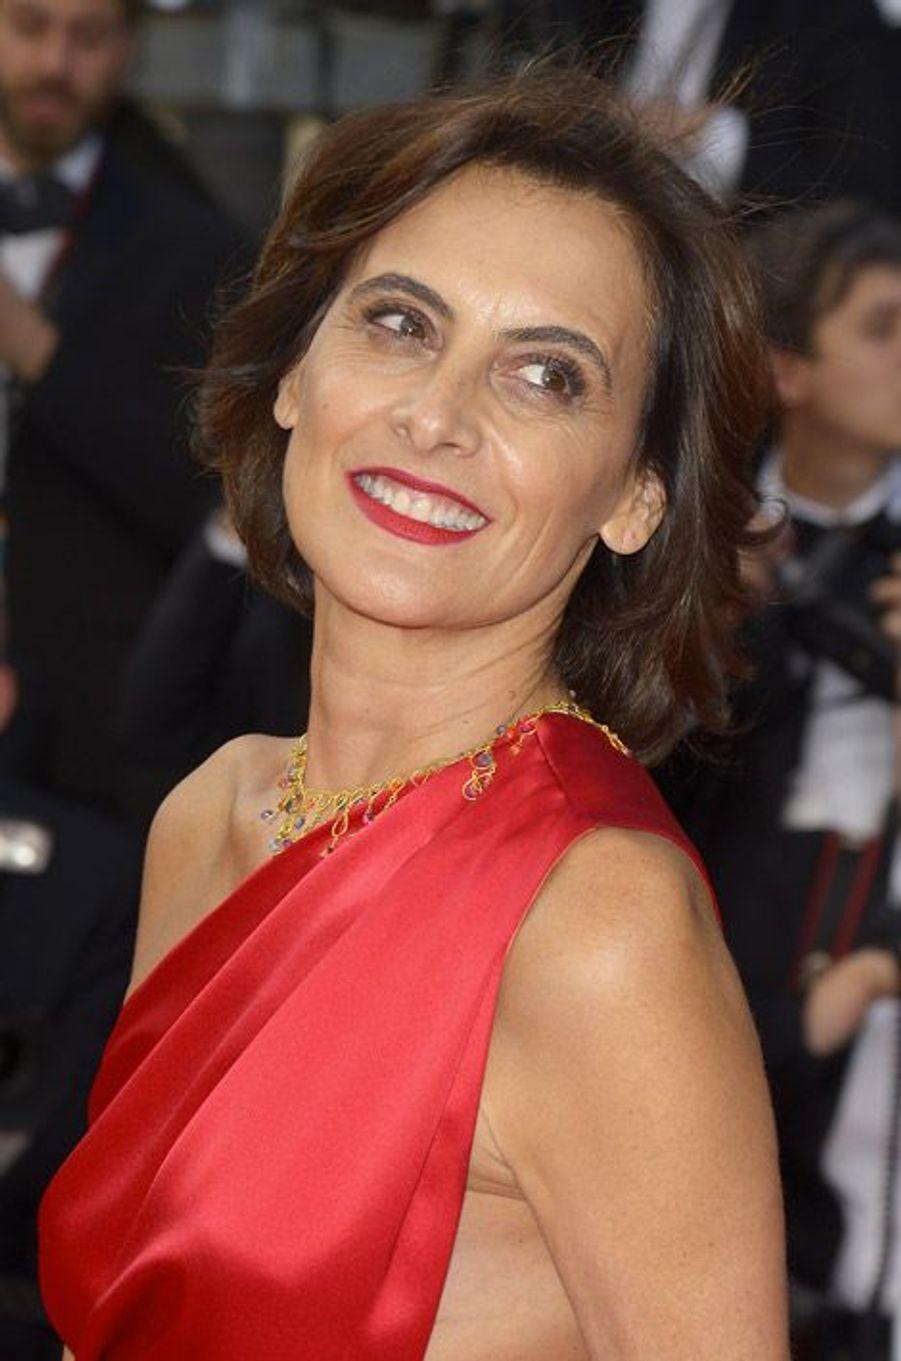 L'ancien mannequin Inès de la Fressange lors du festival de Cannes, le 16 mai 2014